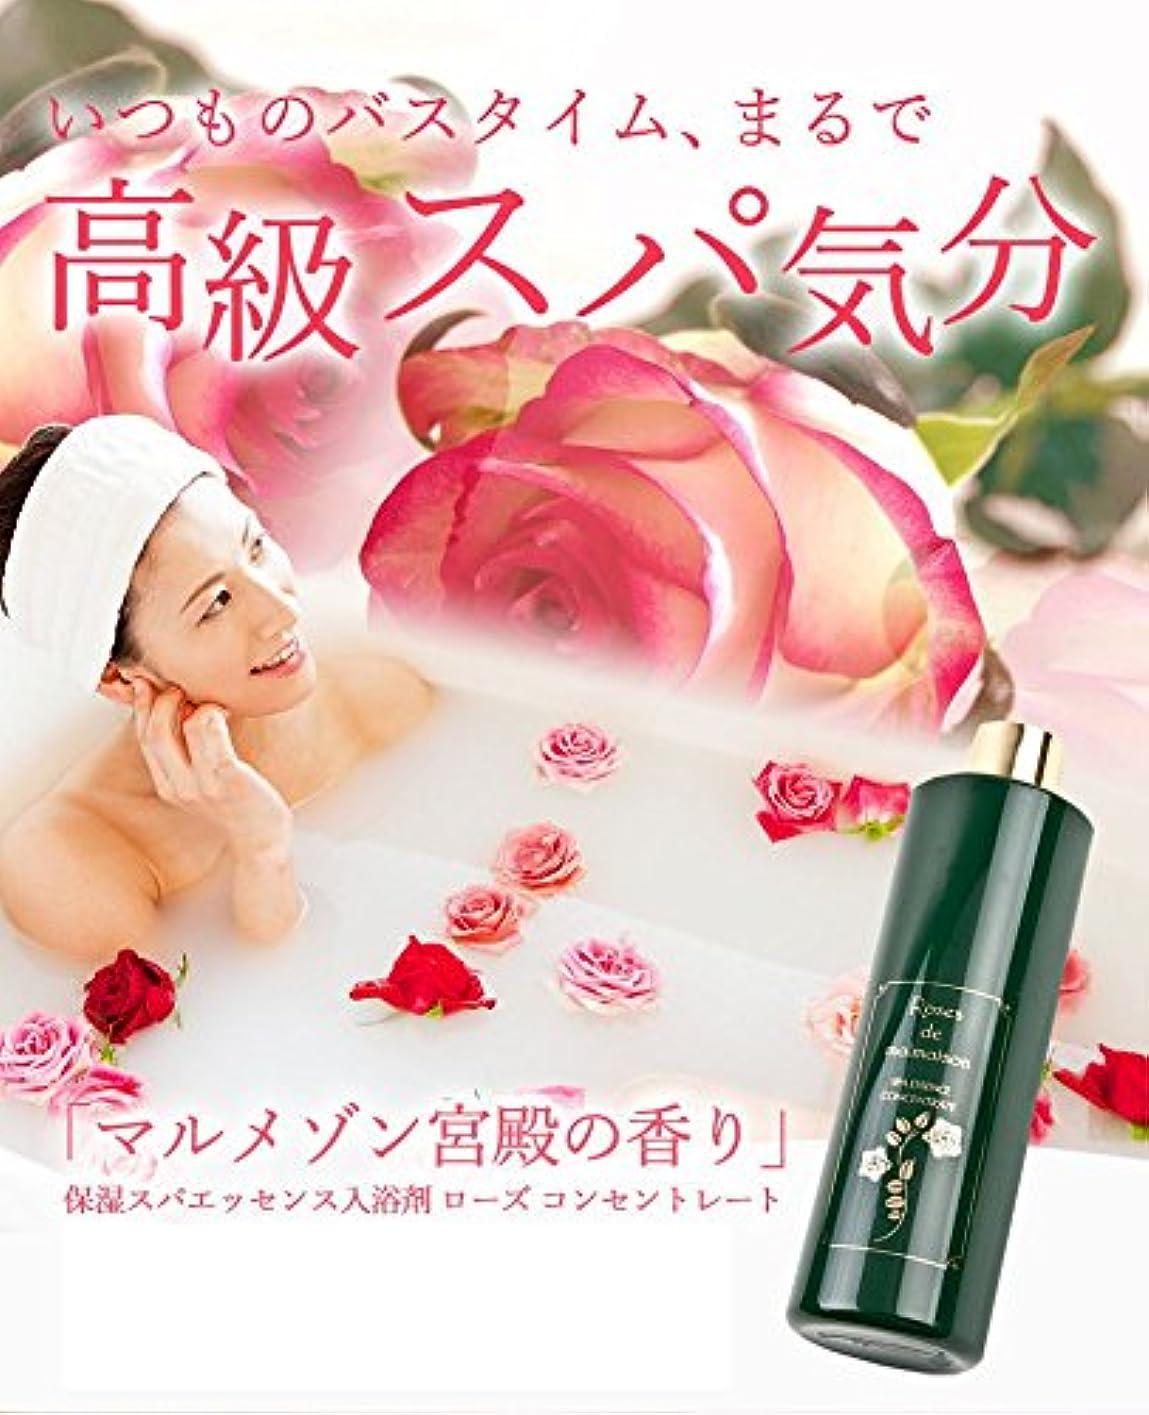 失プロフェッショナル未満ローズドマルメゾン スパエッセンス コンセントレート バラの香りの入浴剤 天然ローズの香り 高級スパのような入浴剤